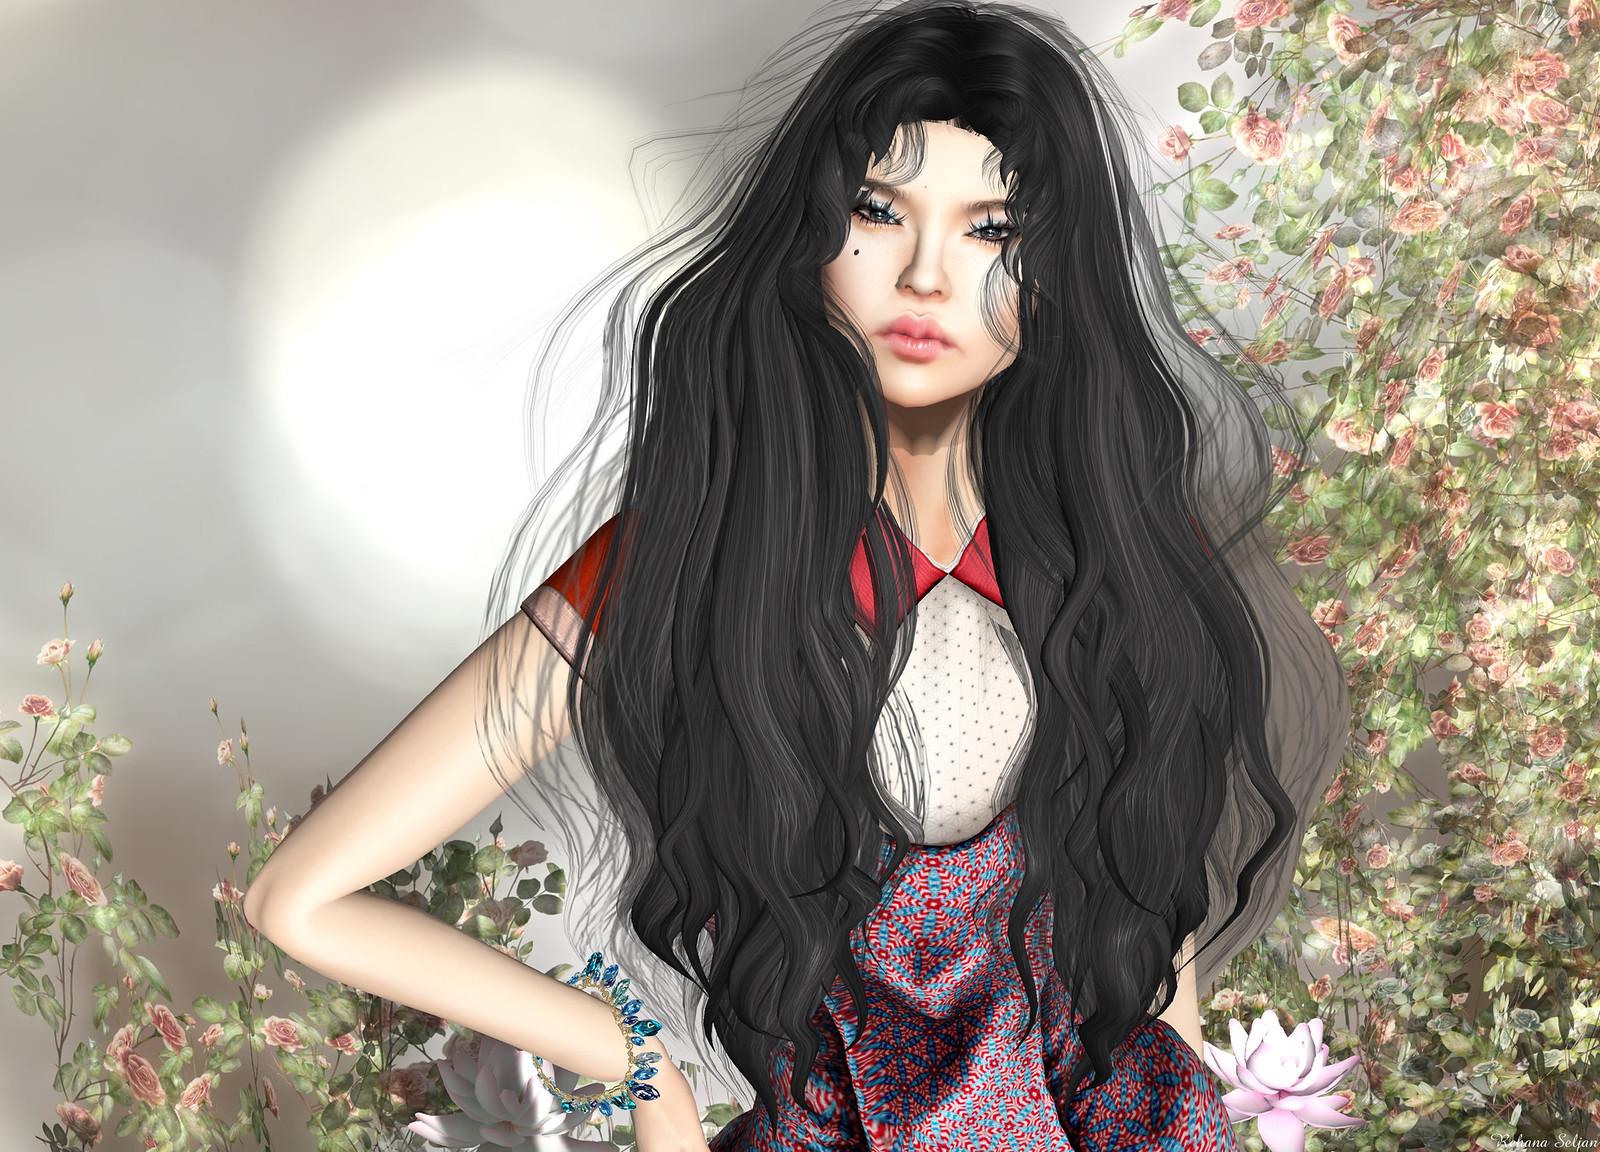 monso - My Hair somi